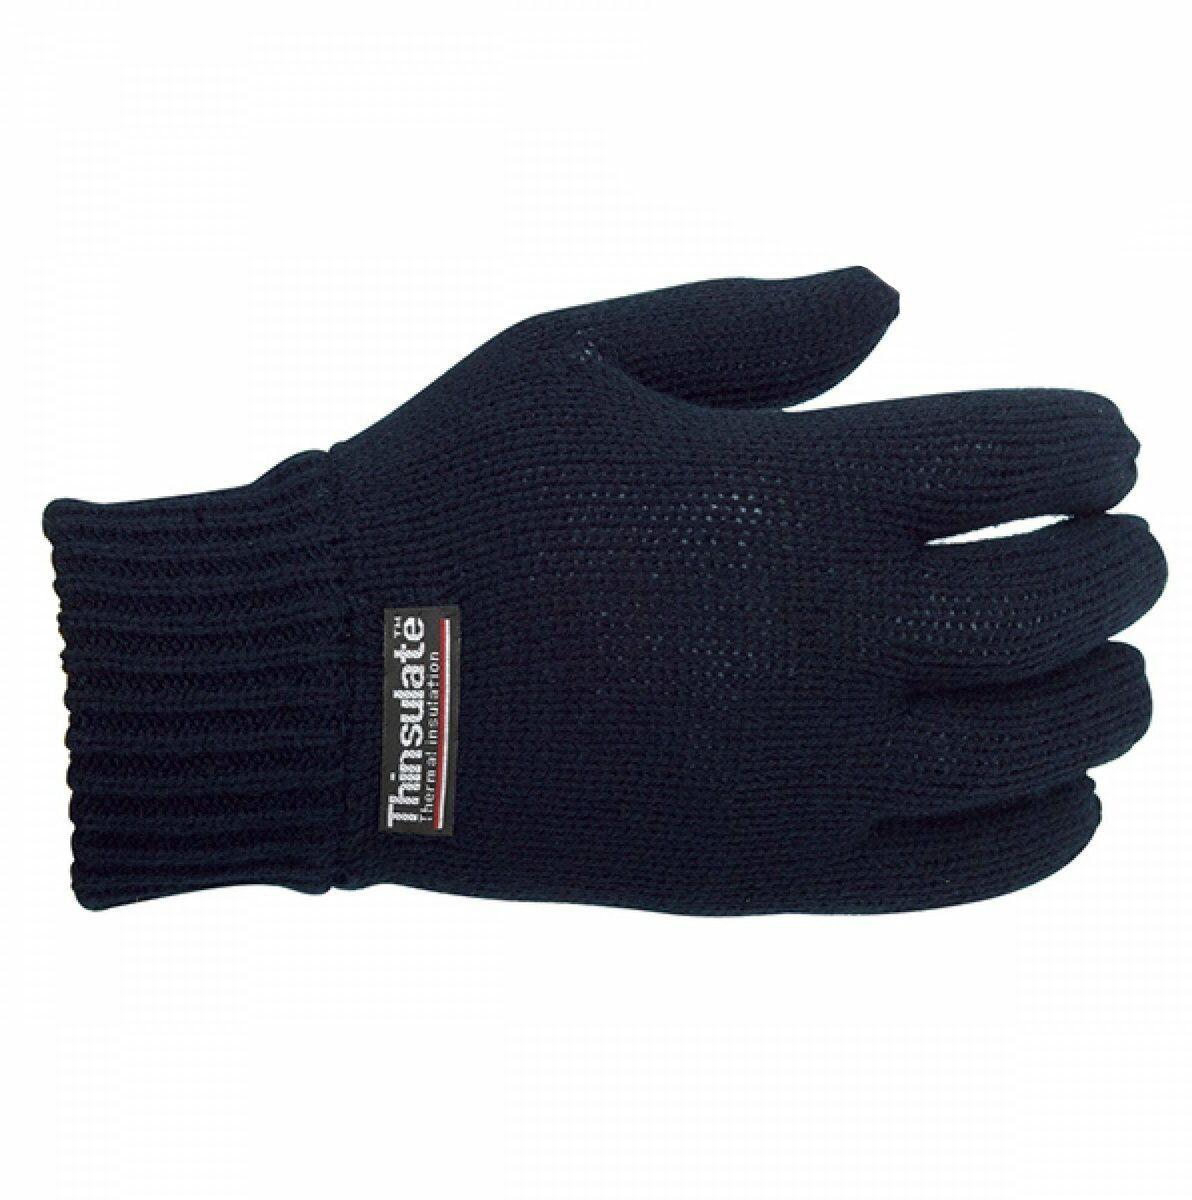 Rękawice Pentagon Thinsulate, Navy (K14001-05)